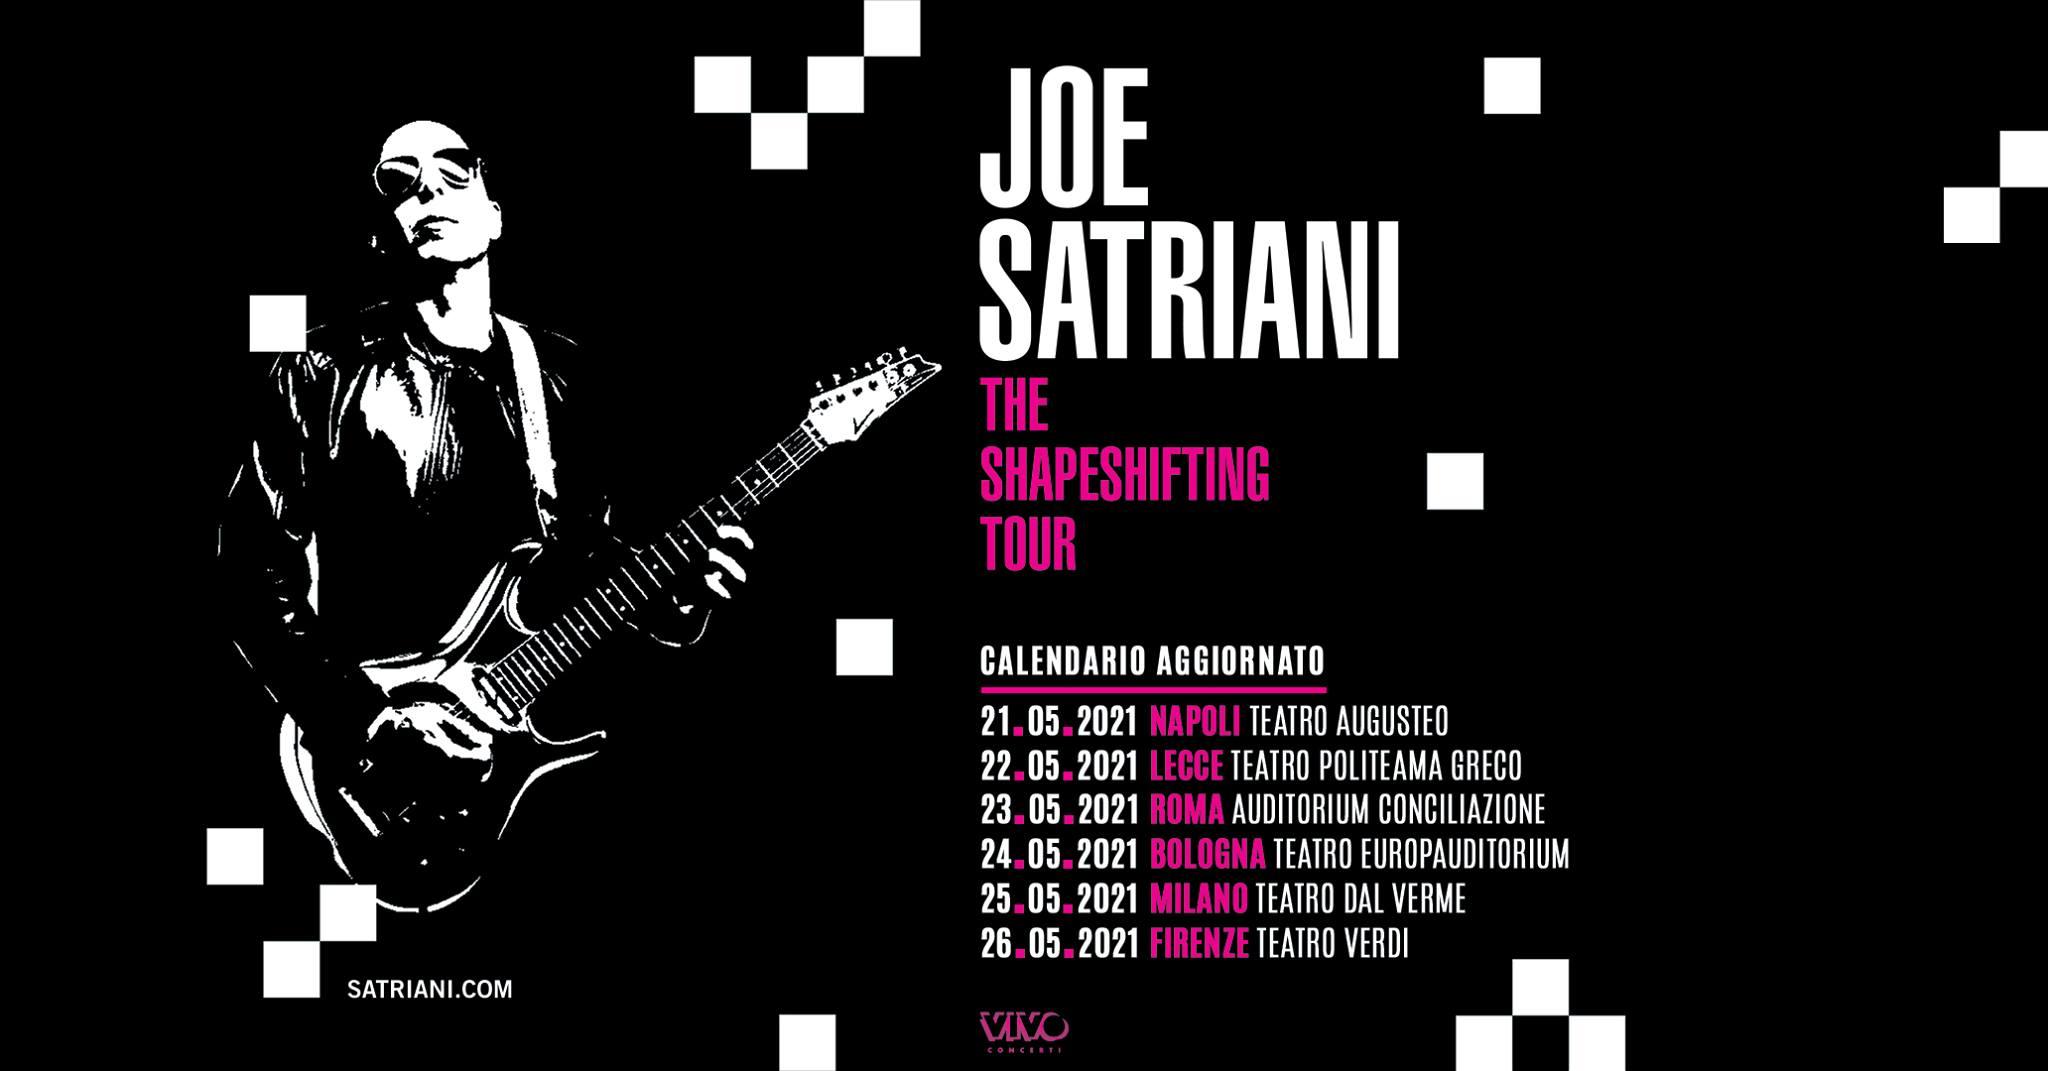 Posticipato al 26 maggio 2021 il concerto di Joe Satriani in